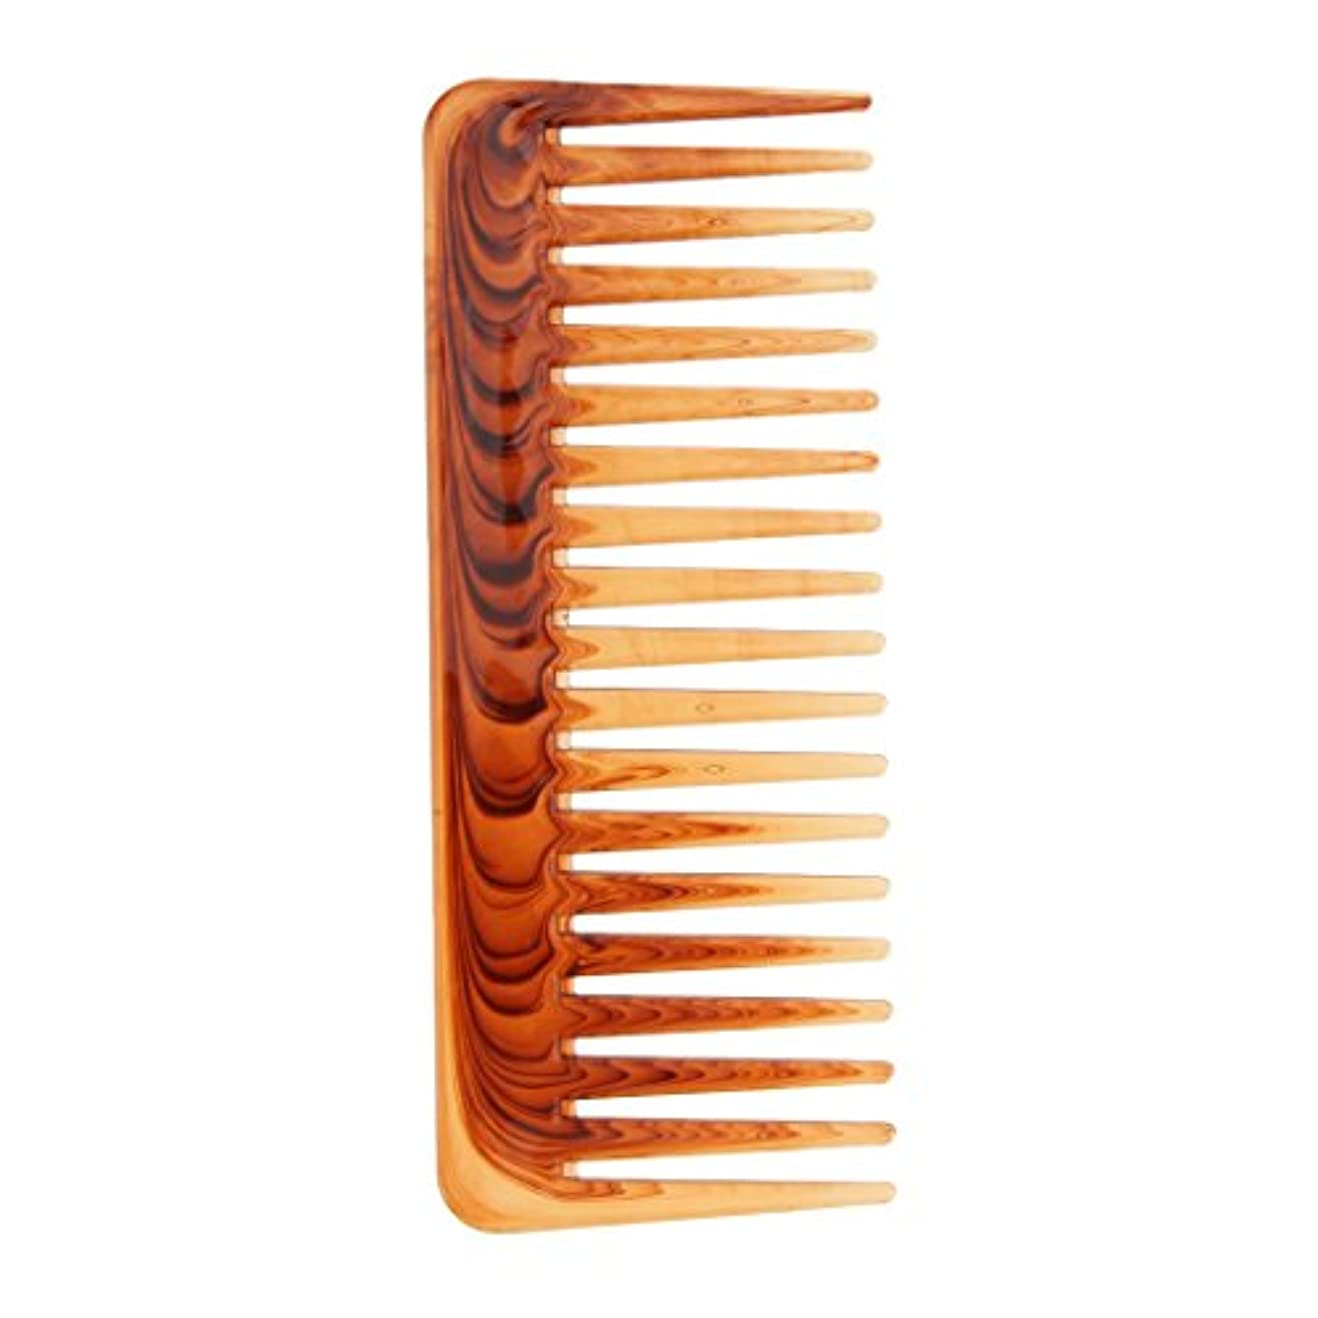 着実にメドレーテーブルを設定するヘアコンビ ヘアコーム ワイド ヘアブラシツール 帯電防止櫛 プラスチック製